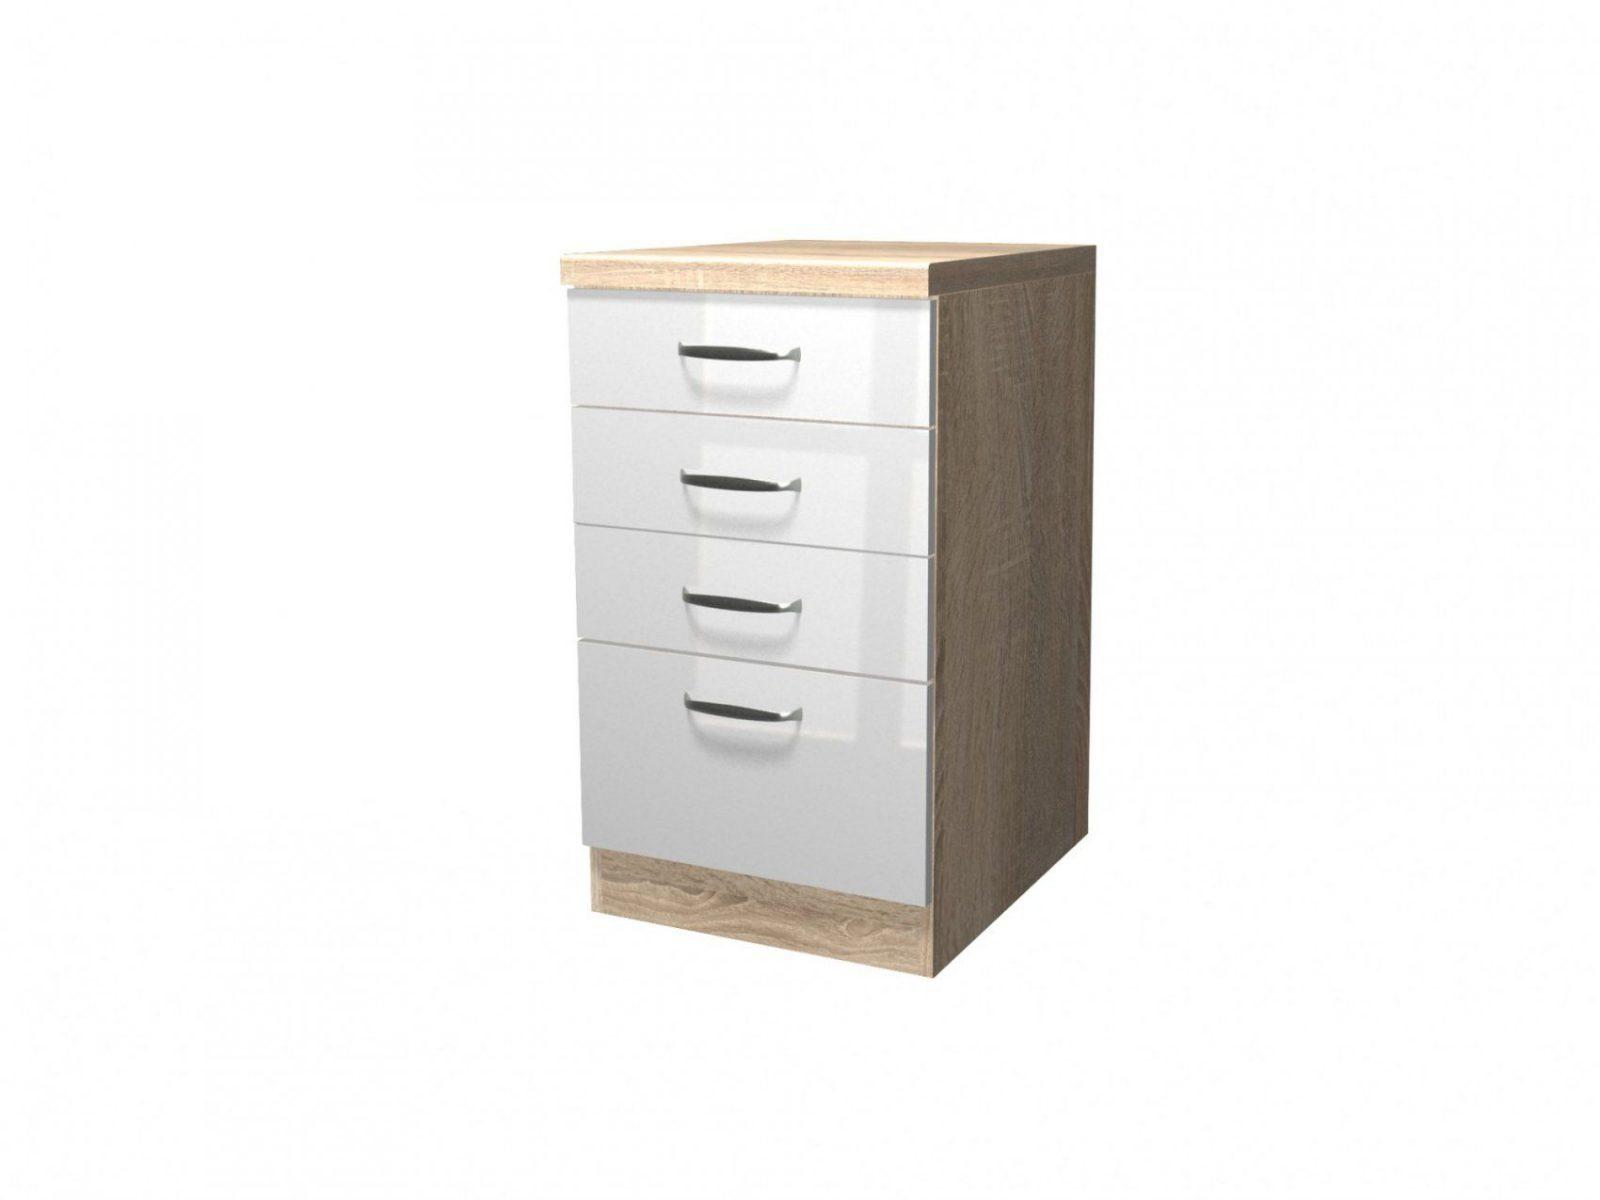 Küchenunterschrank Venedig  1 Auszug 3 Schubladen  50 Cm Breit von Küchenunterschrank Weiß 40 Cm Breit Bild